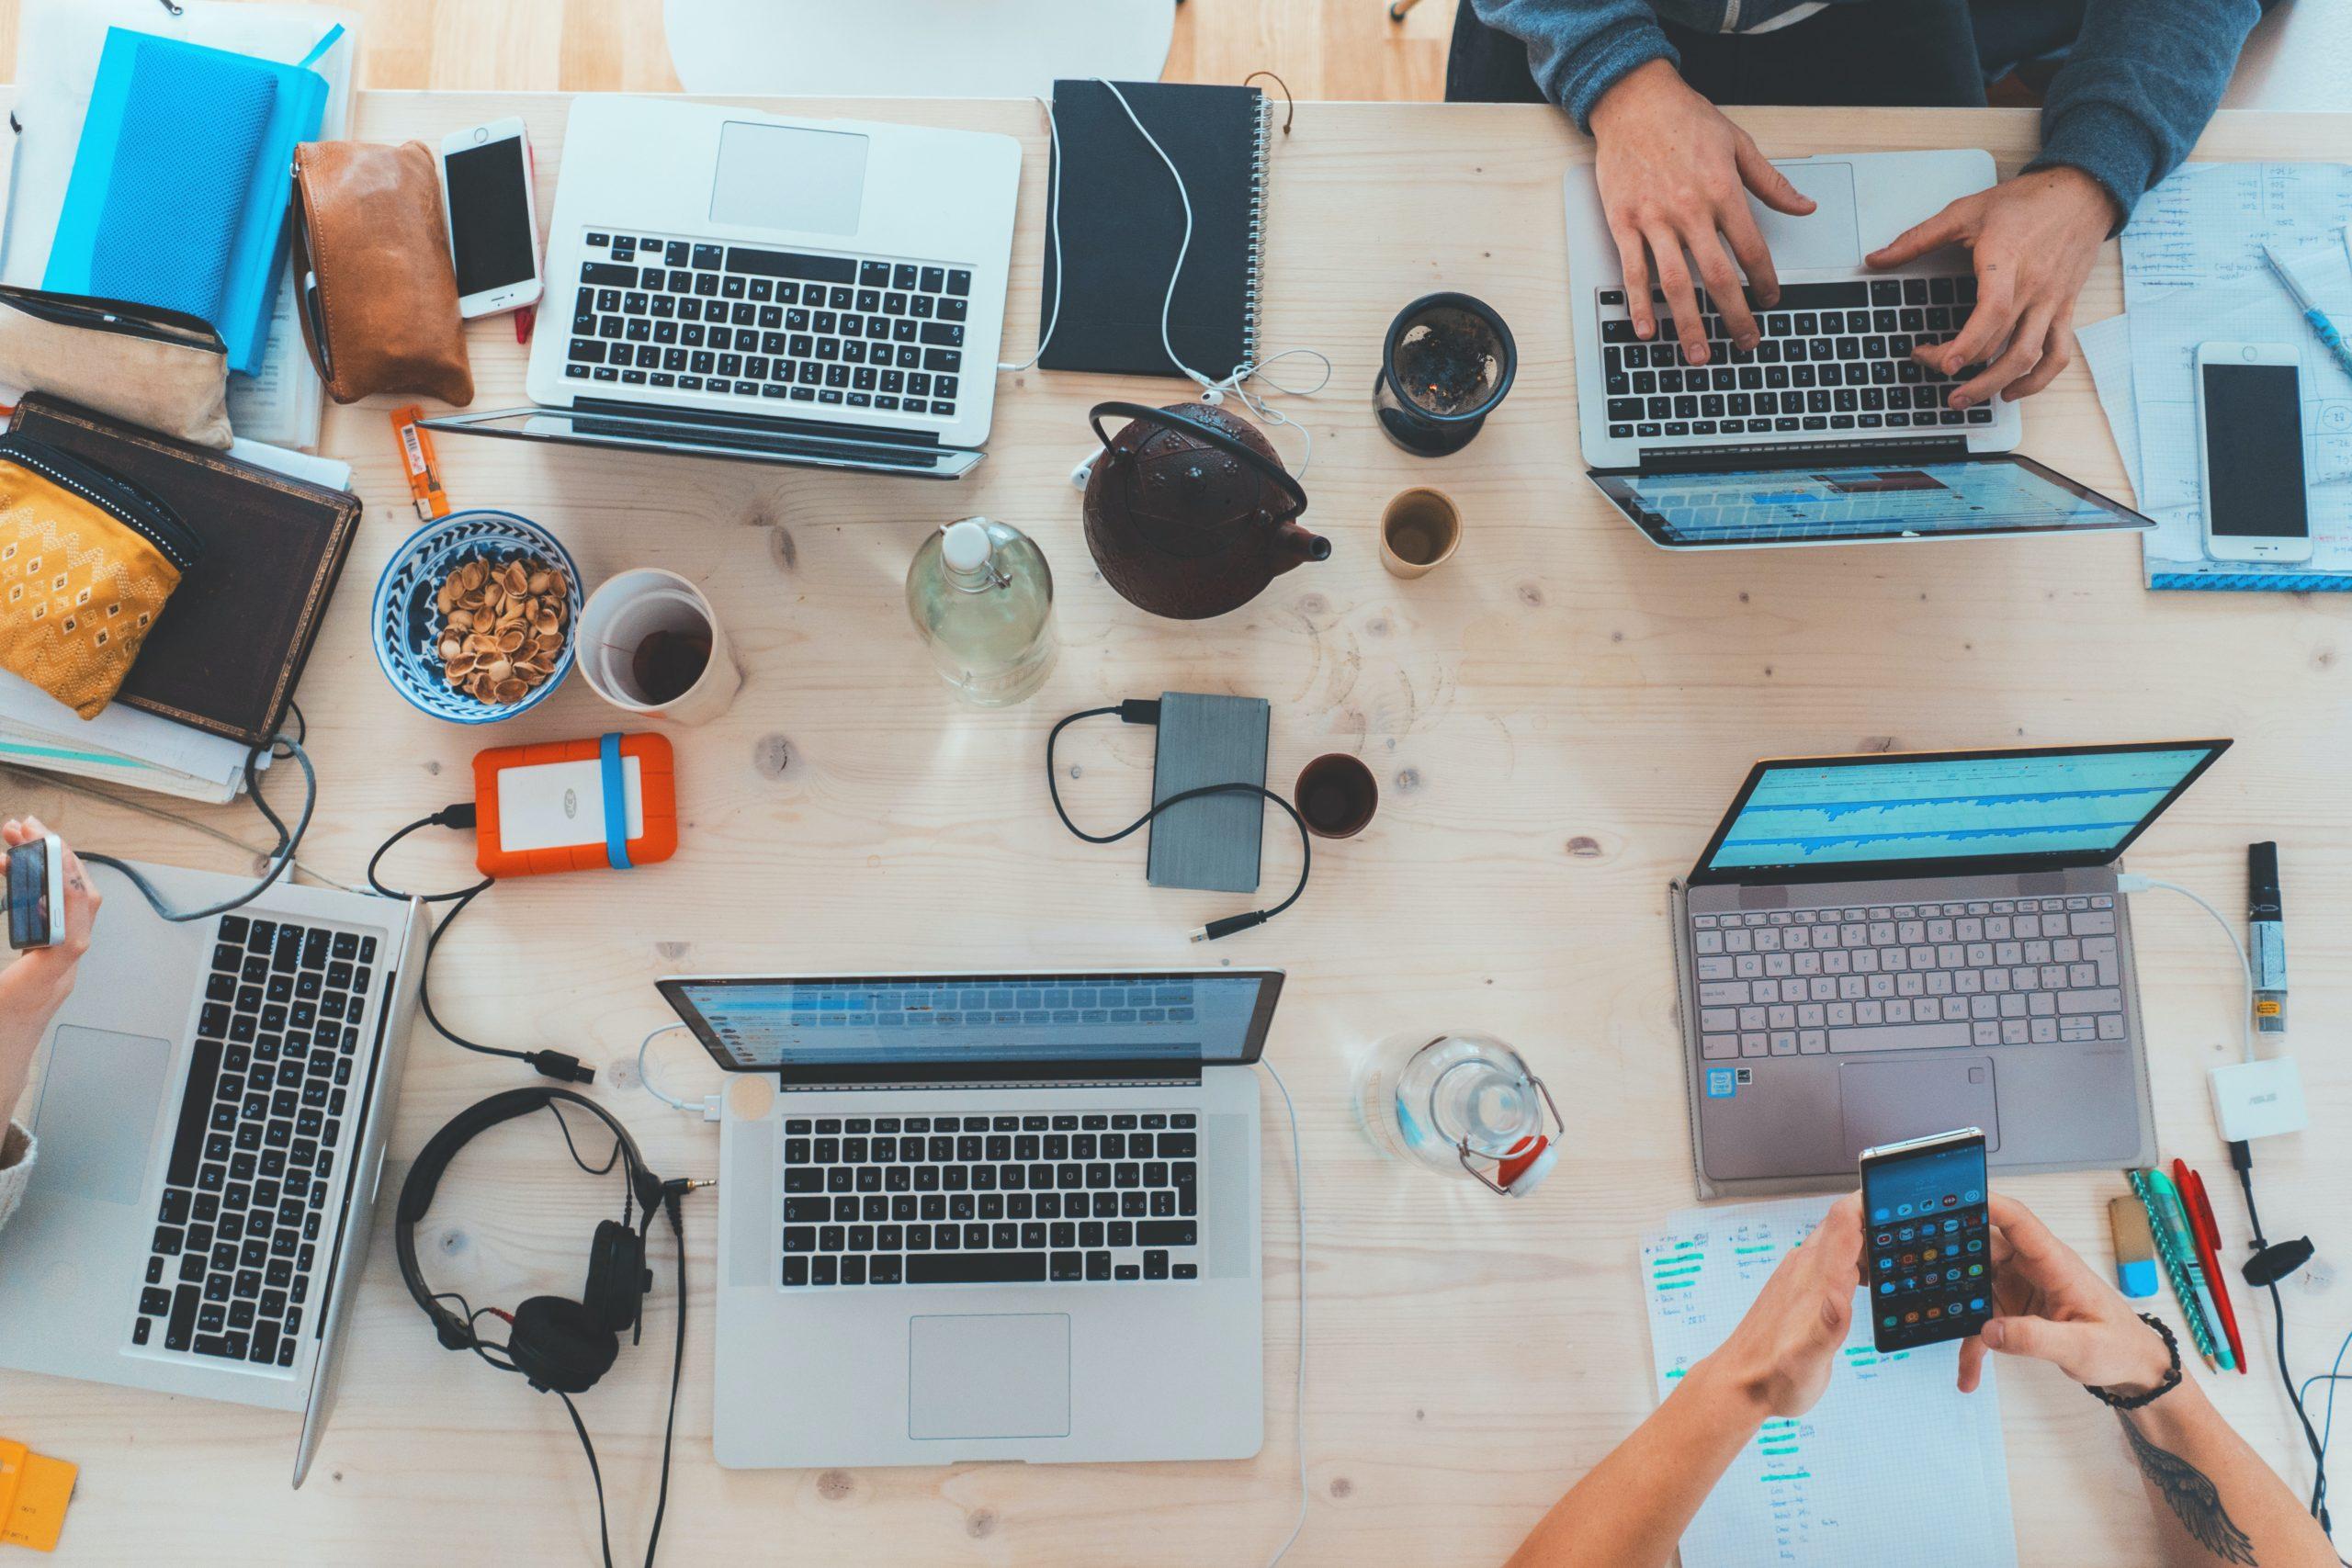 Das Bild zeigt einen Schreibtisch mit vier Laptops und Büro-Utensilien.